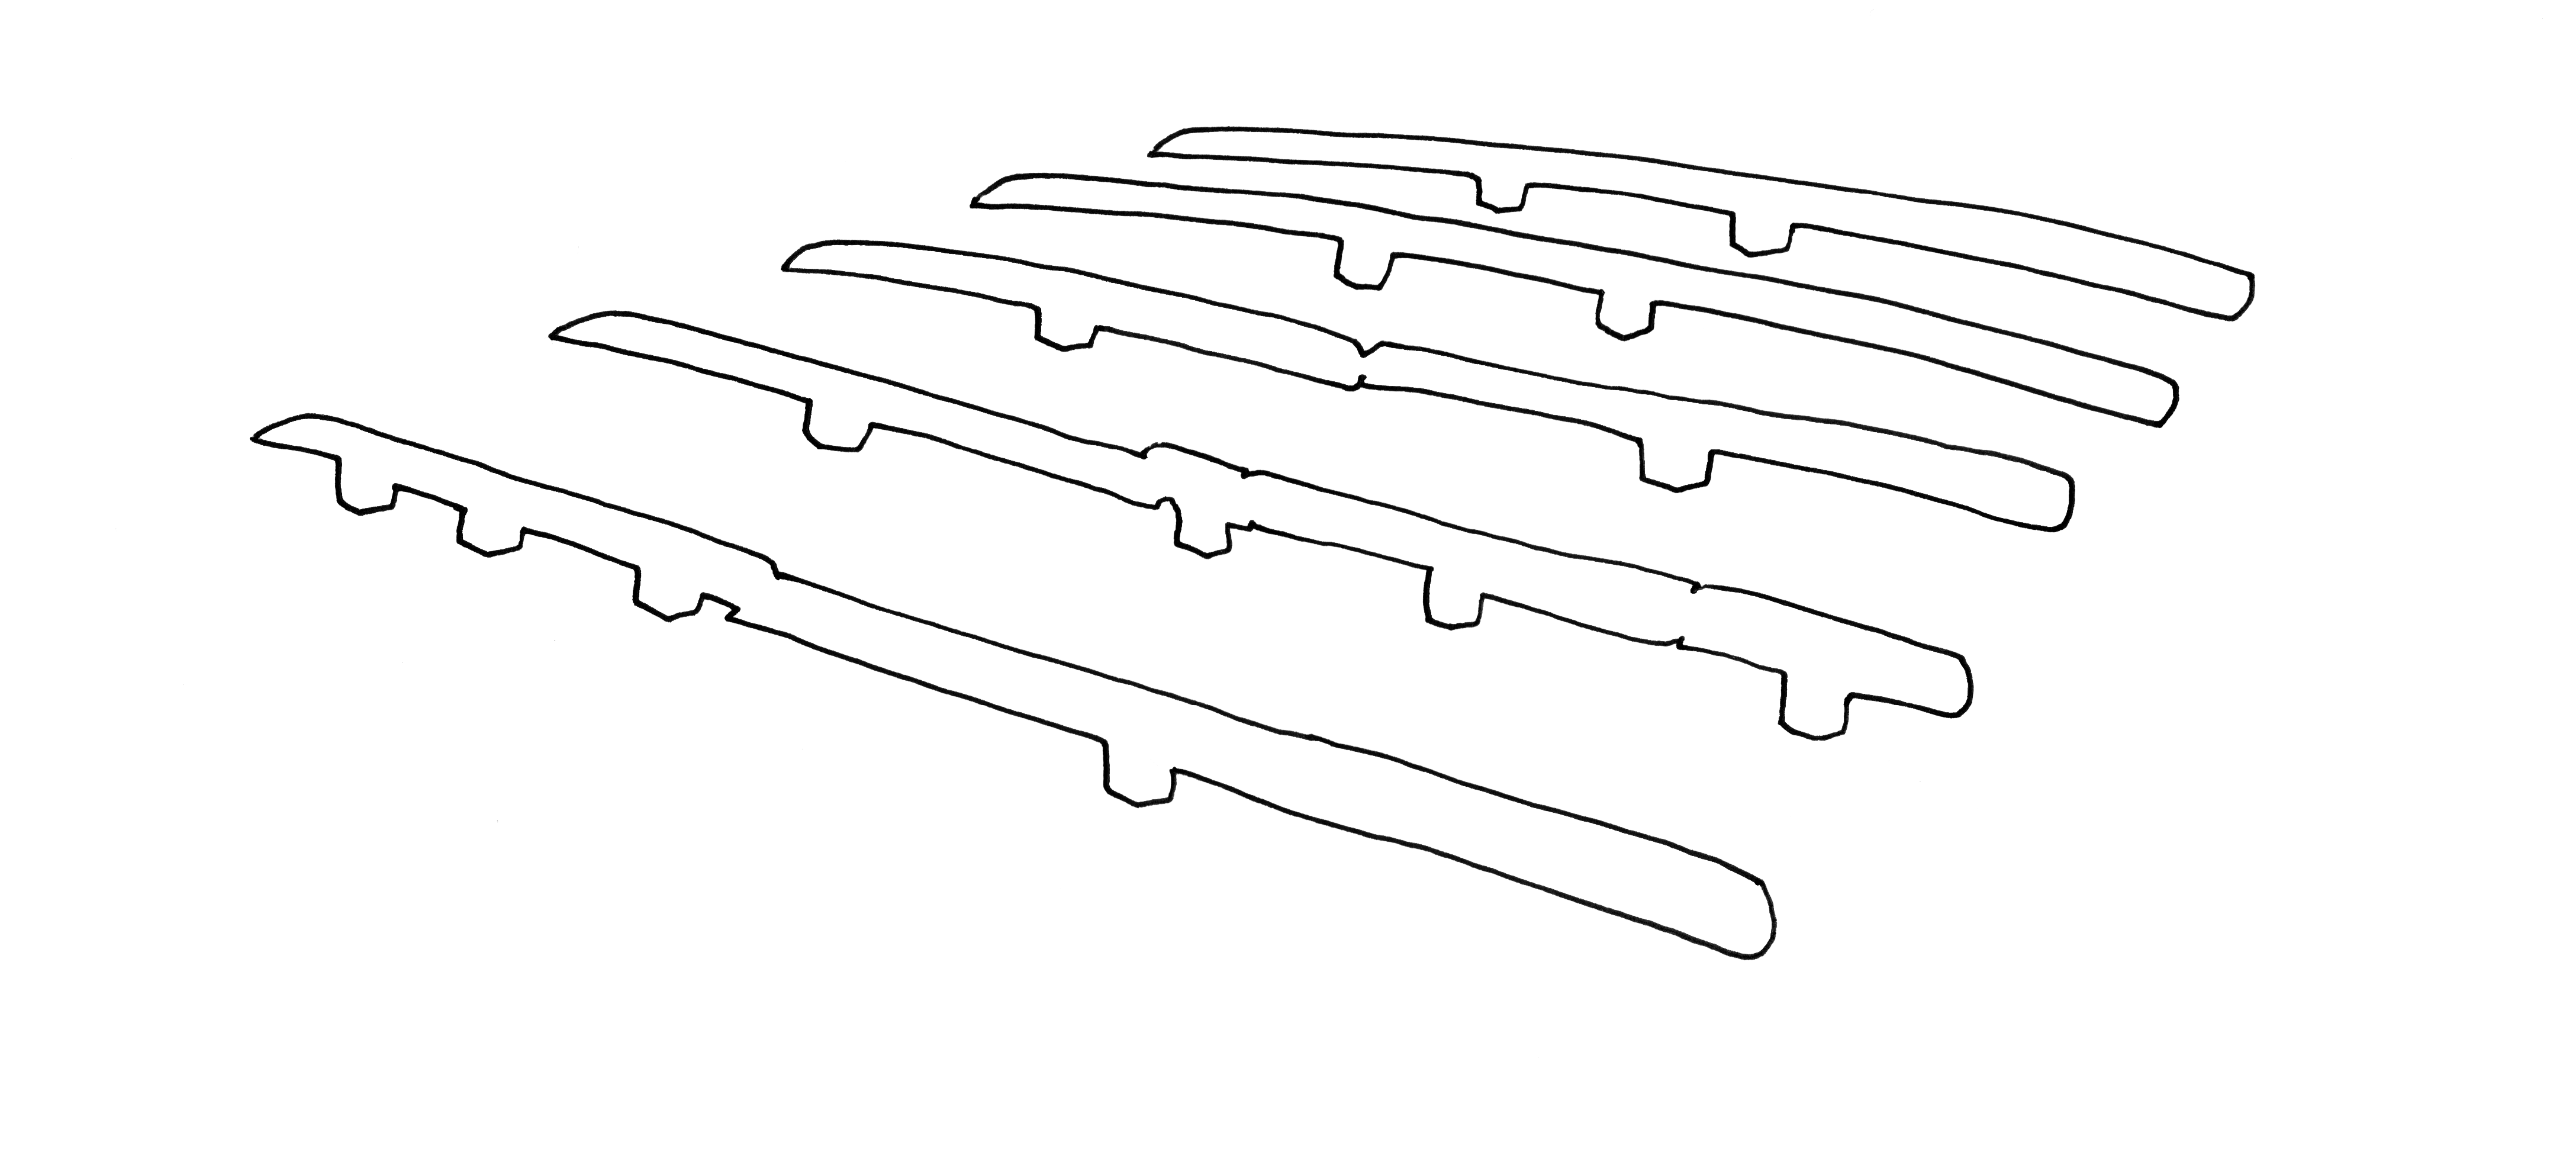 0,96 m2 de gisants metrologiques